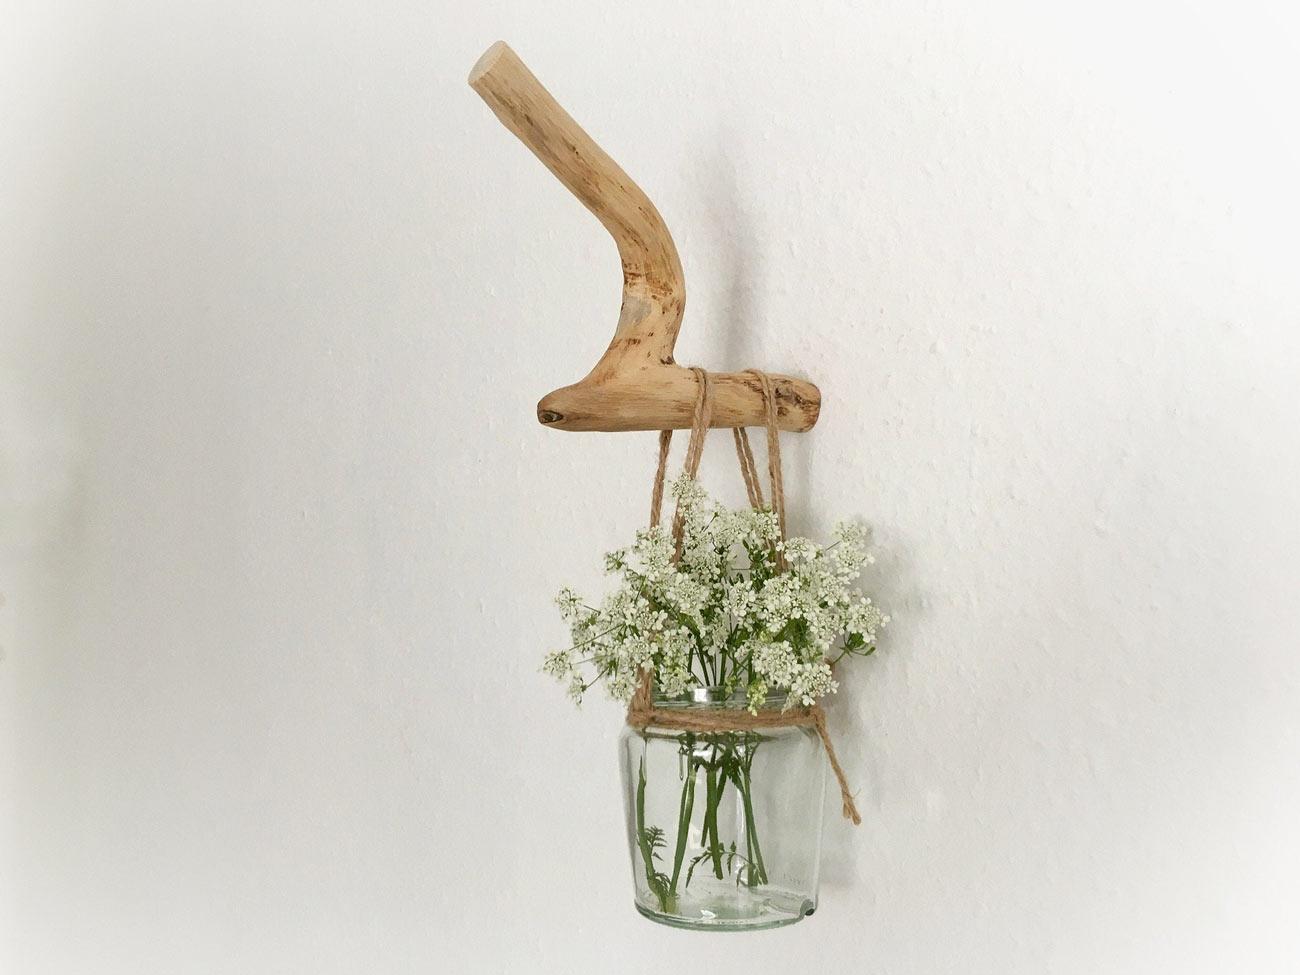 porte-fleurs DIY bocal suspendu à une branche